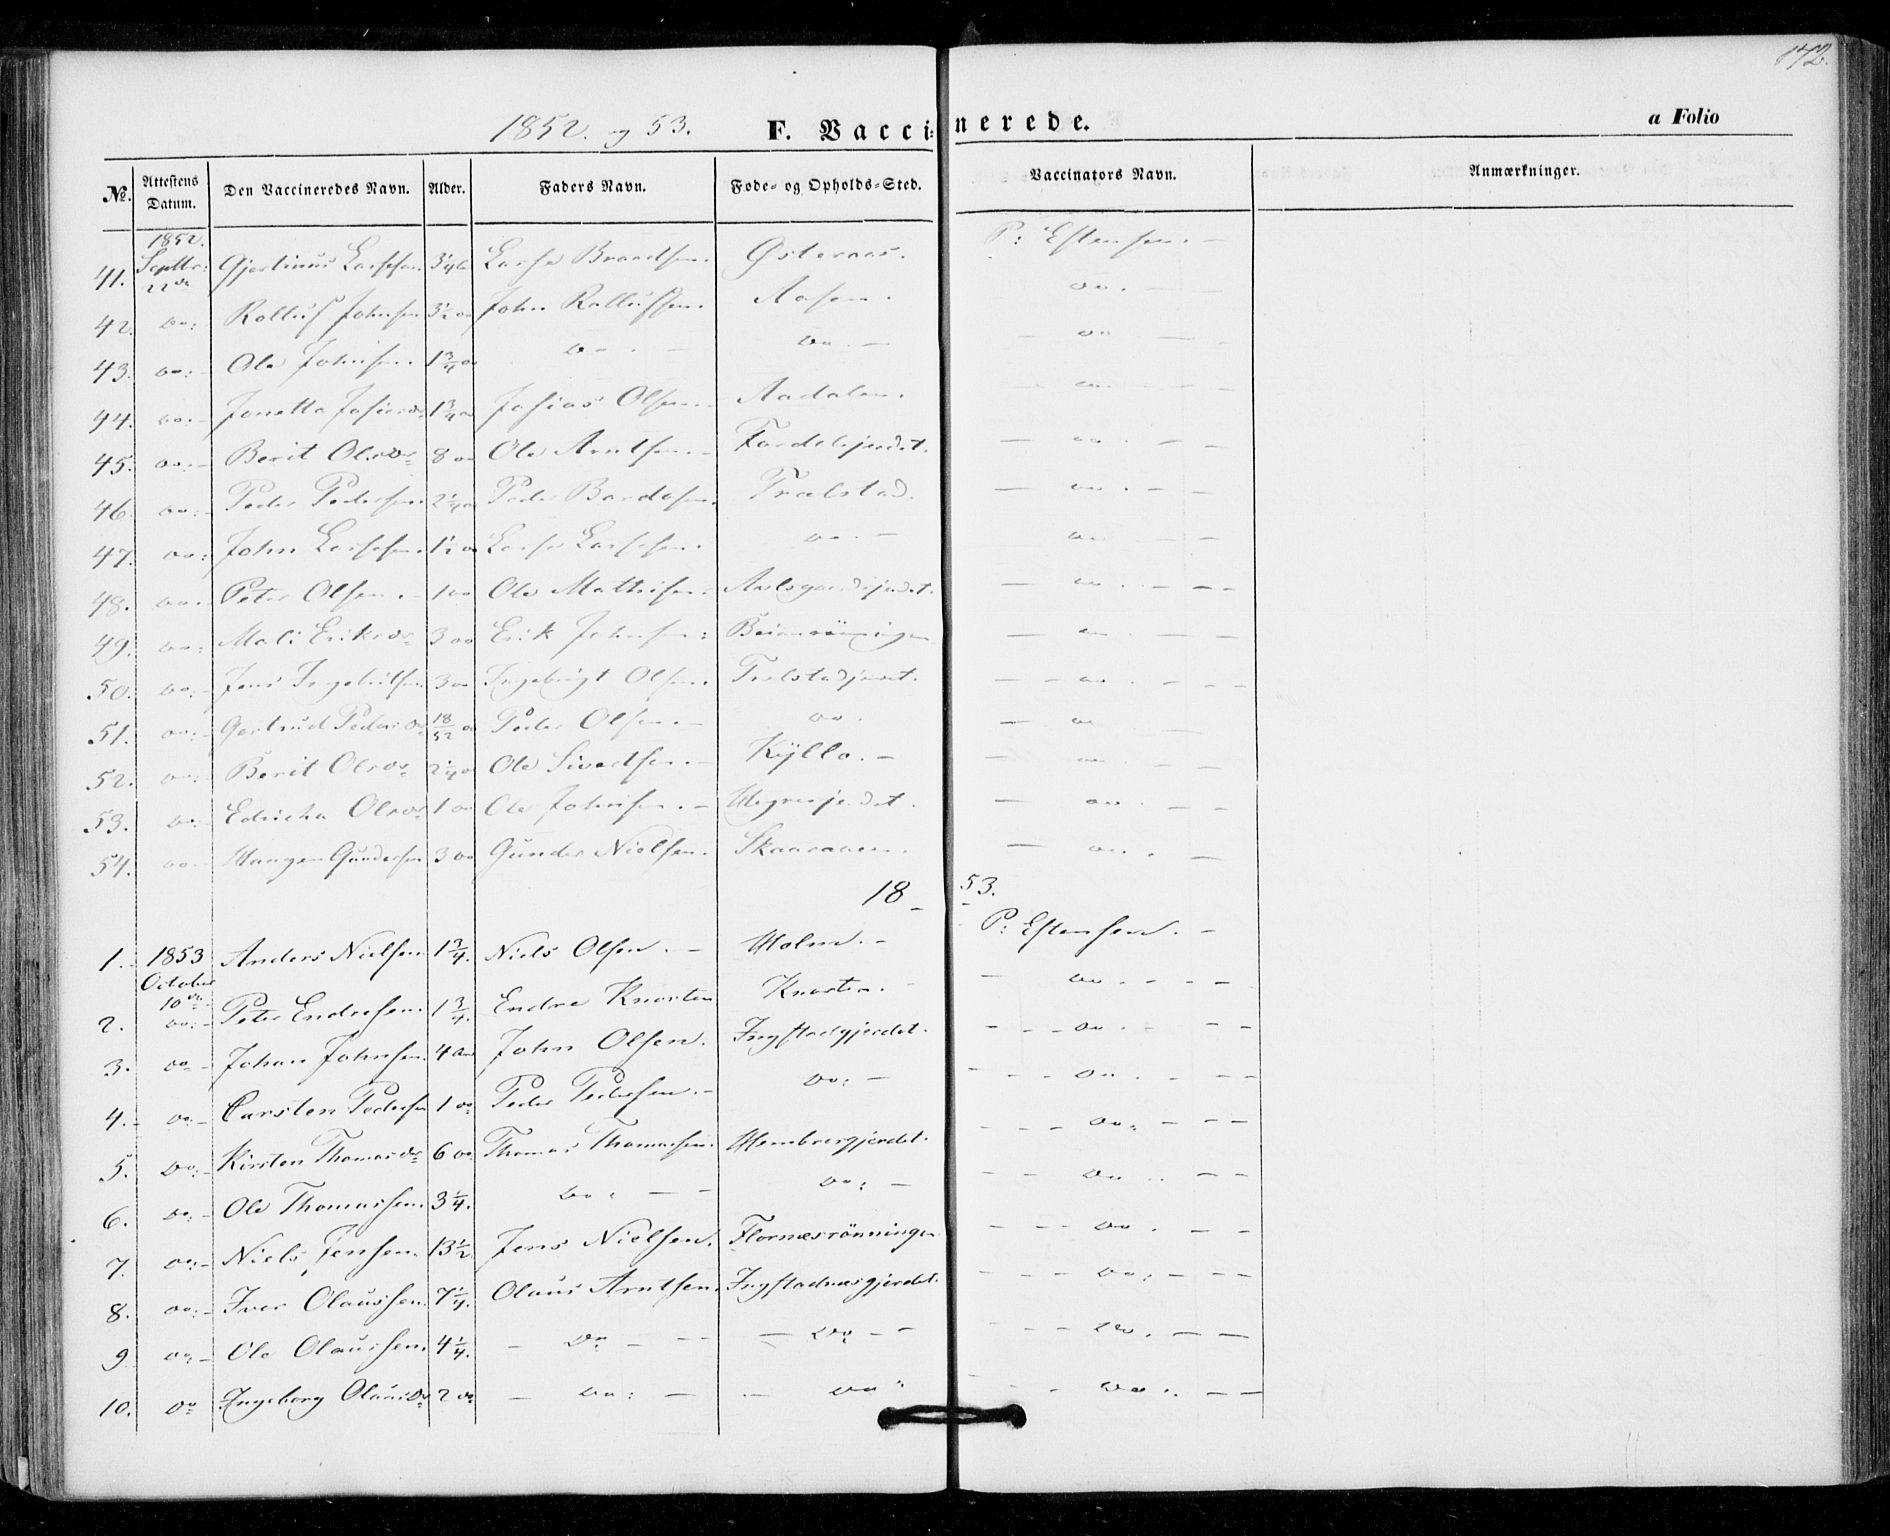 SAT, Ministerialprotokoller, klokkerbøker og fødselsregistre - Nord-Trøndelag, 703/L0028: Ministerialbok nr. 703A01, 1850-1862, s. 172